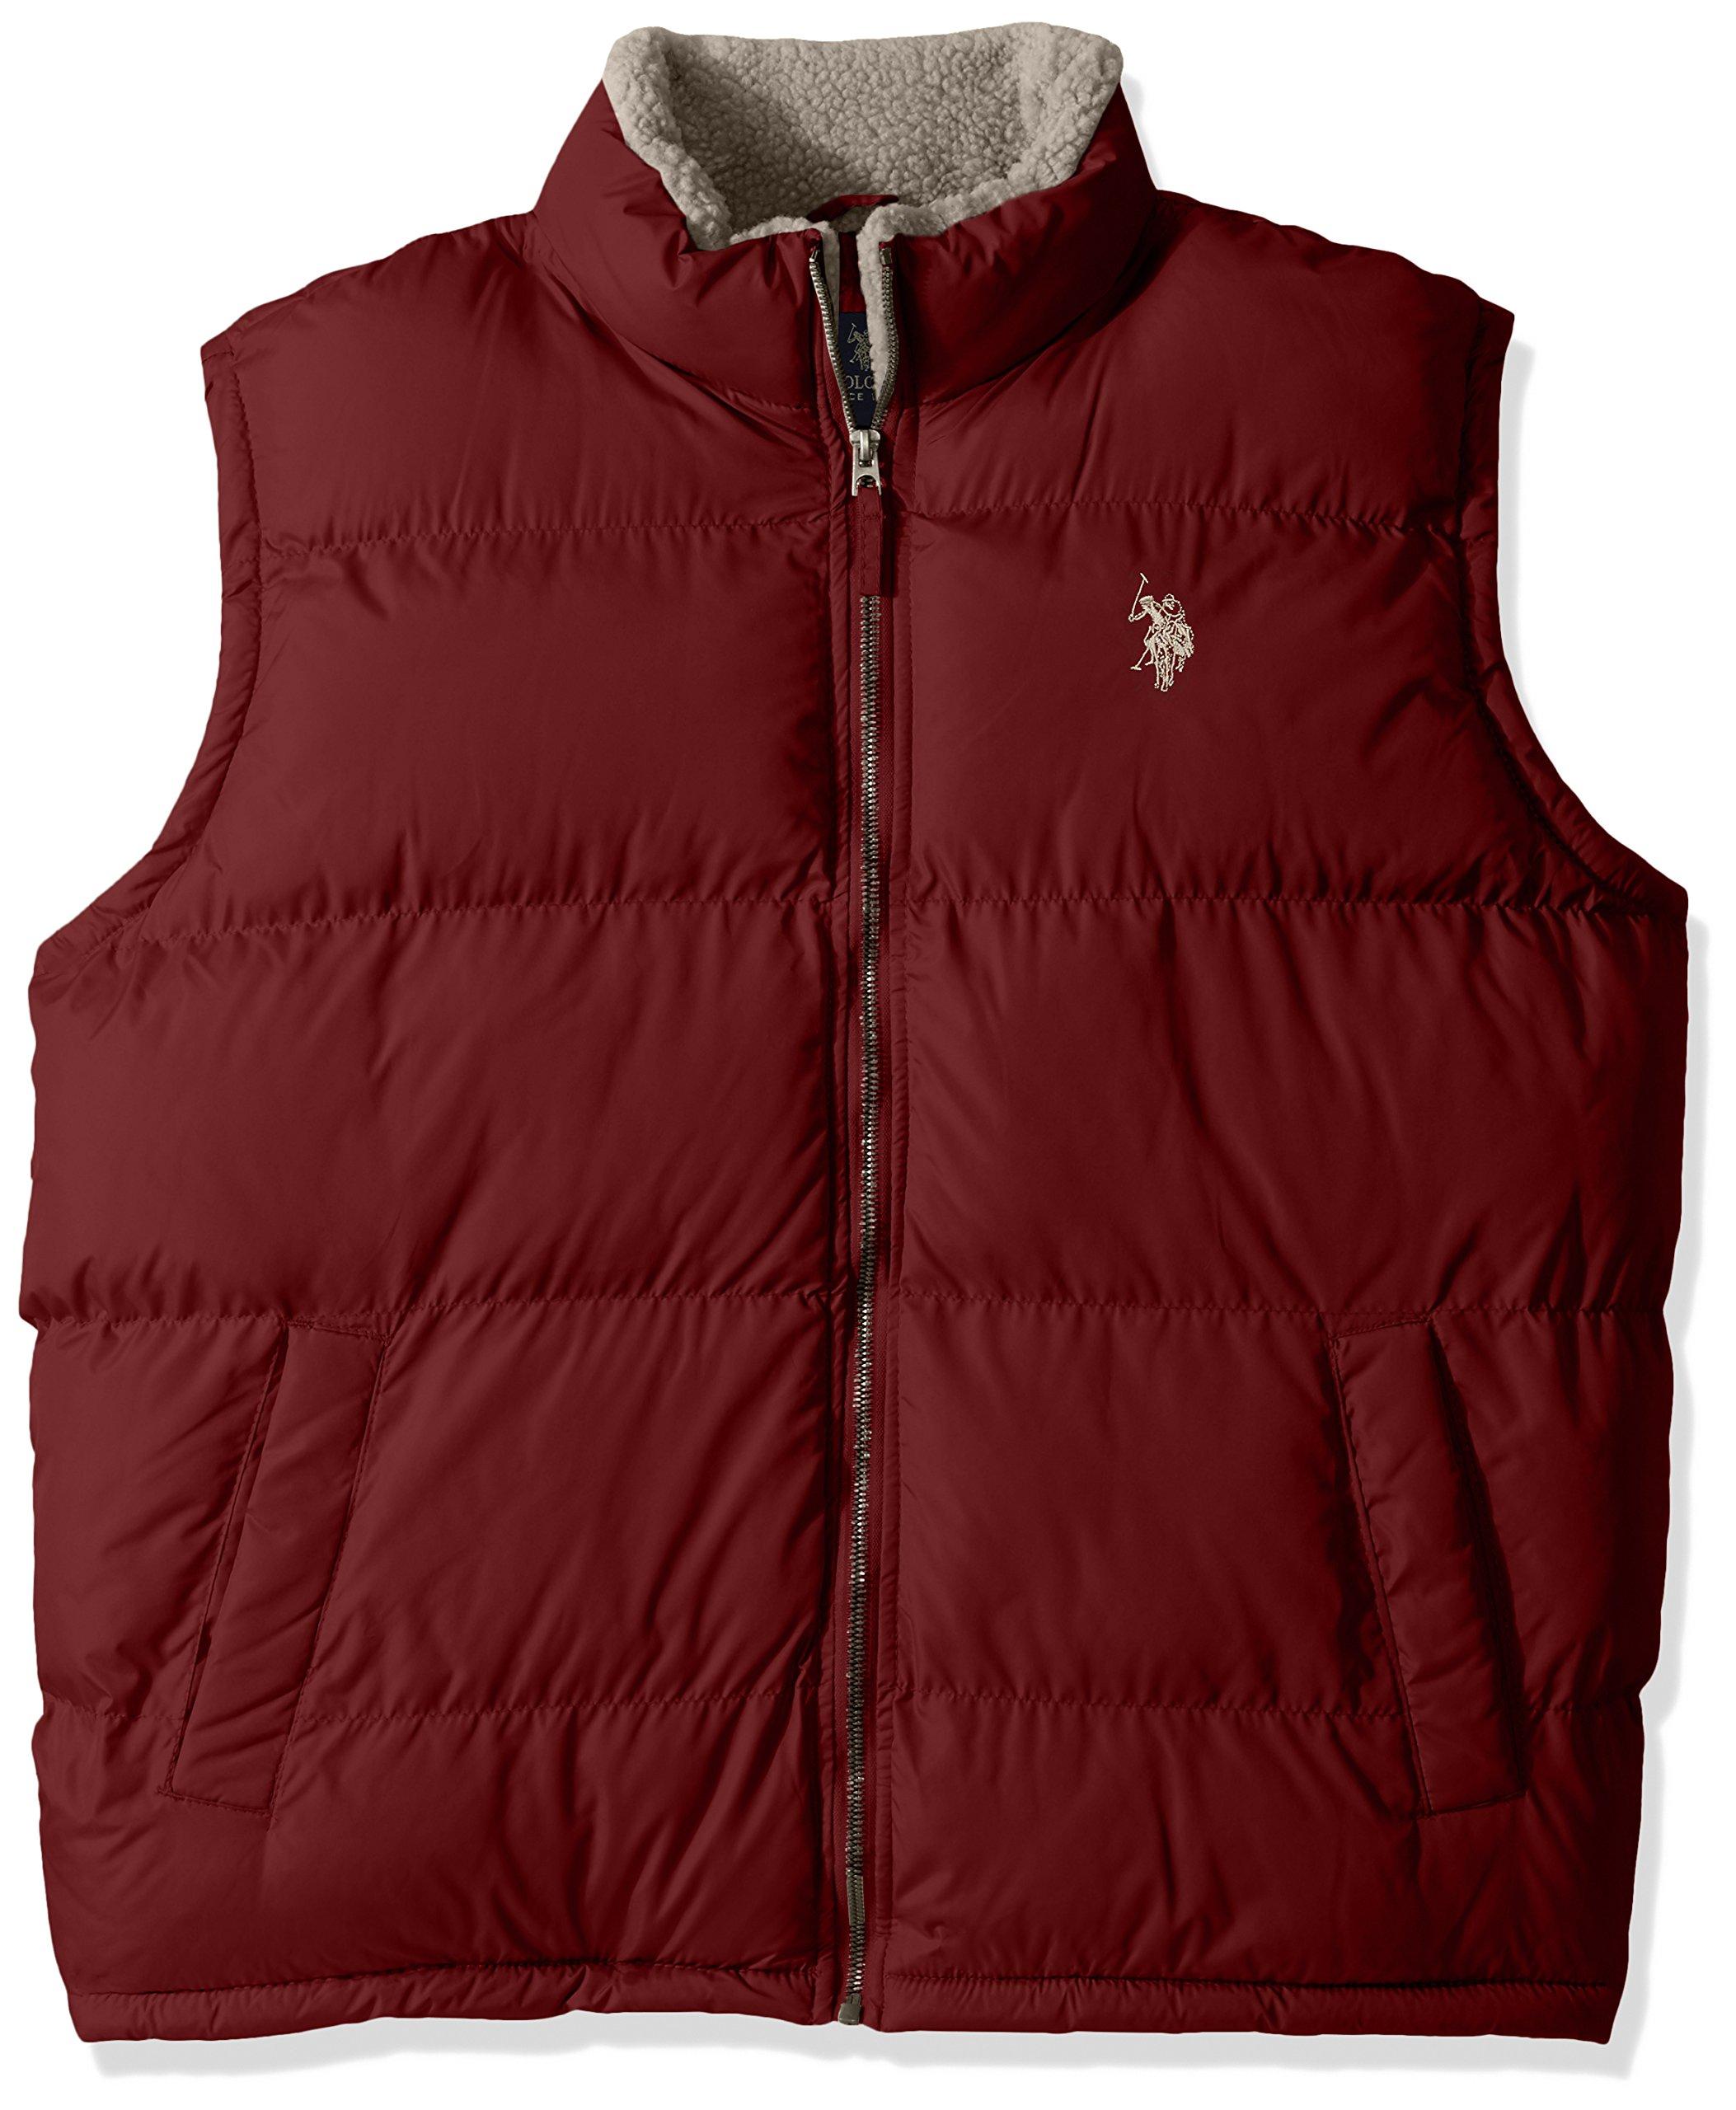 U.S. Polo Assn.. Mens Standard Puffer Vest, University Red 5604, 2X by U.S. Polo Assn.